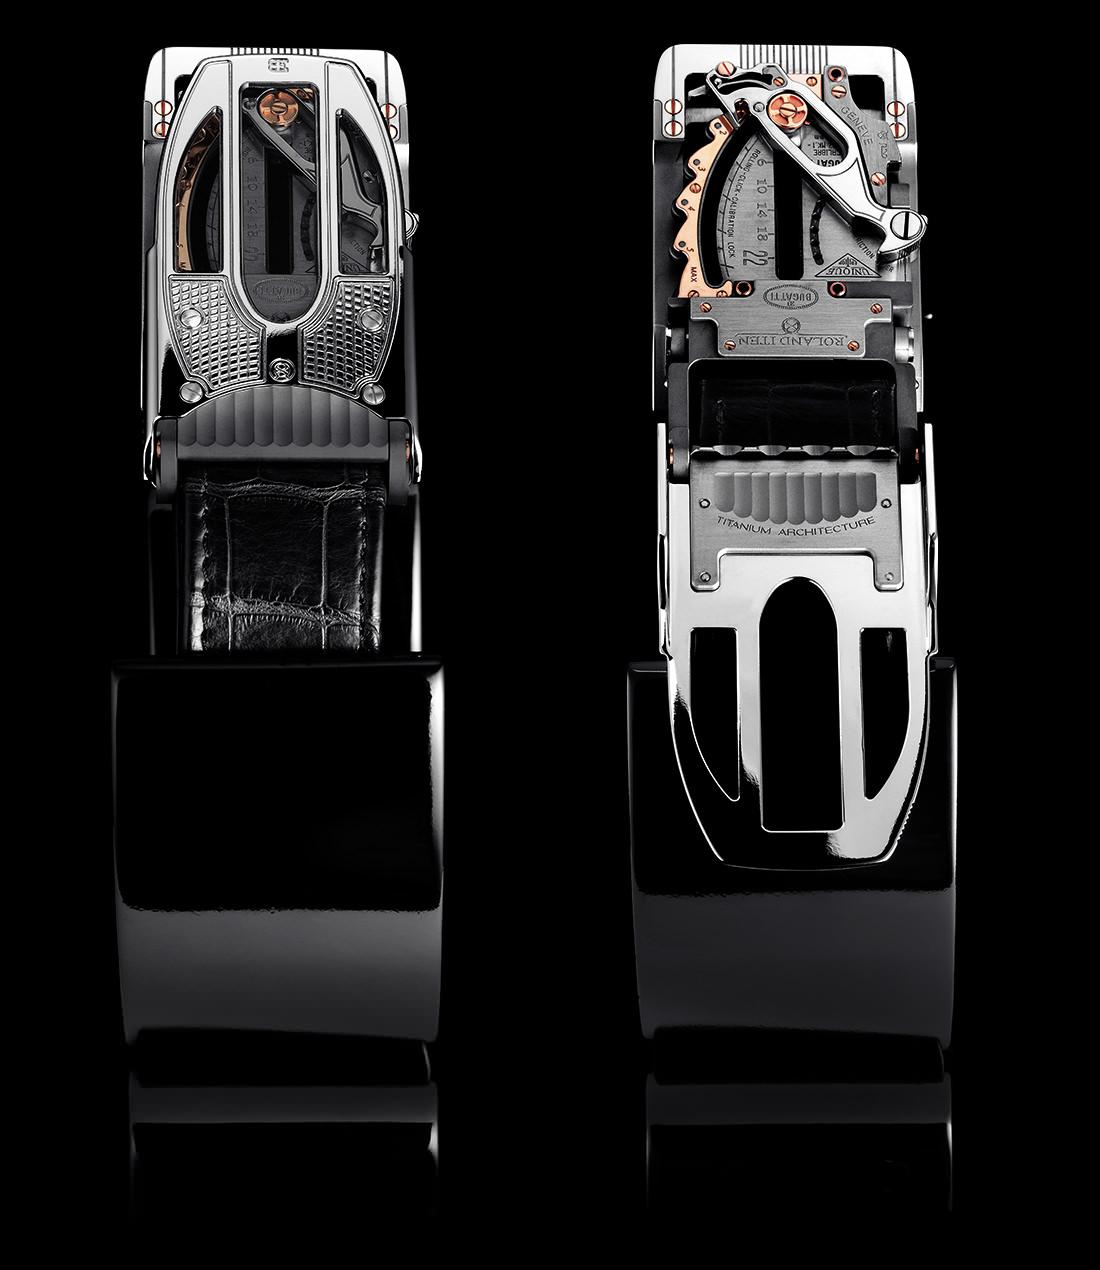 R22-bugatti-roland-iten-6